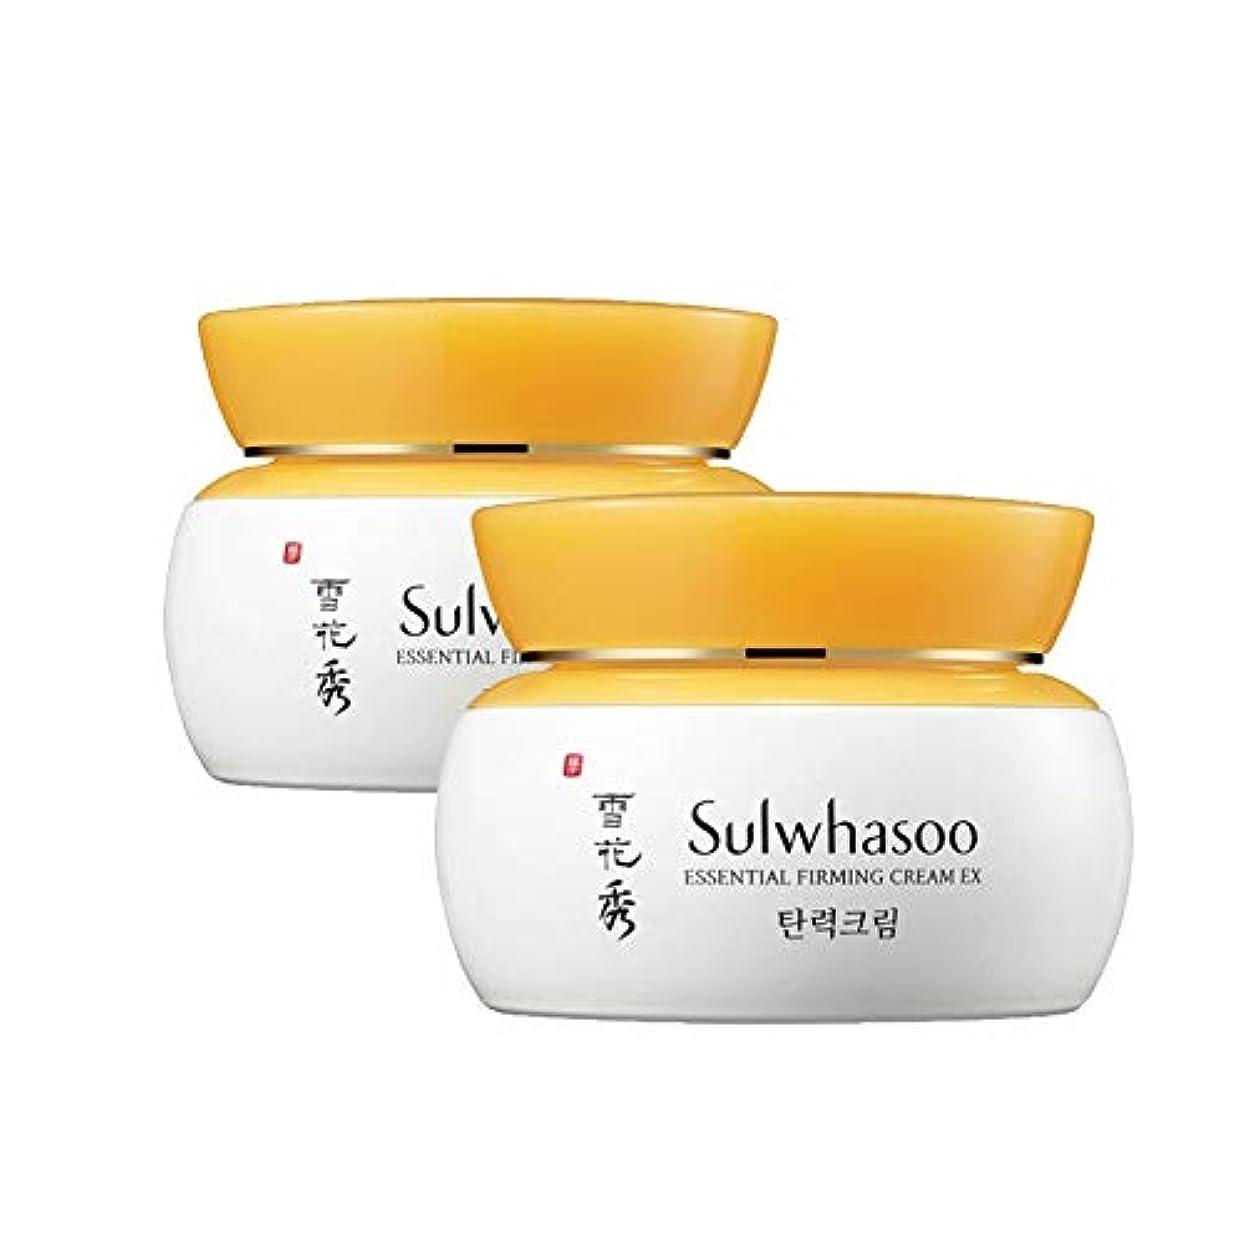 誇張金額効果的雪花秀エッセンシャルパーミングクリーム 75mlx2本セット弾力クリーム韓国コスメ、Sulwhasoo Essential Firming Cream 75ml x 2ea Set Korean Cosmetics [並行輸入品]